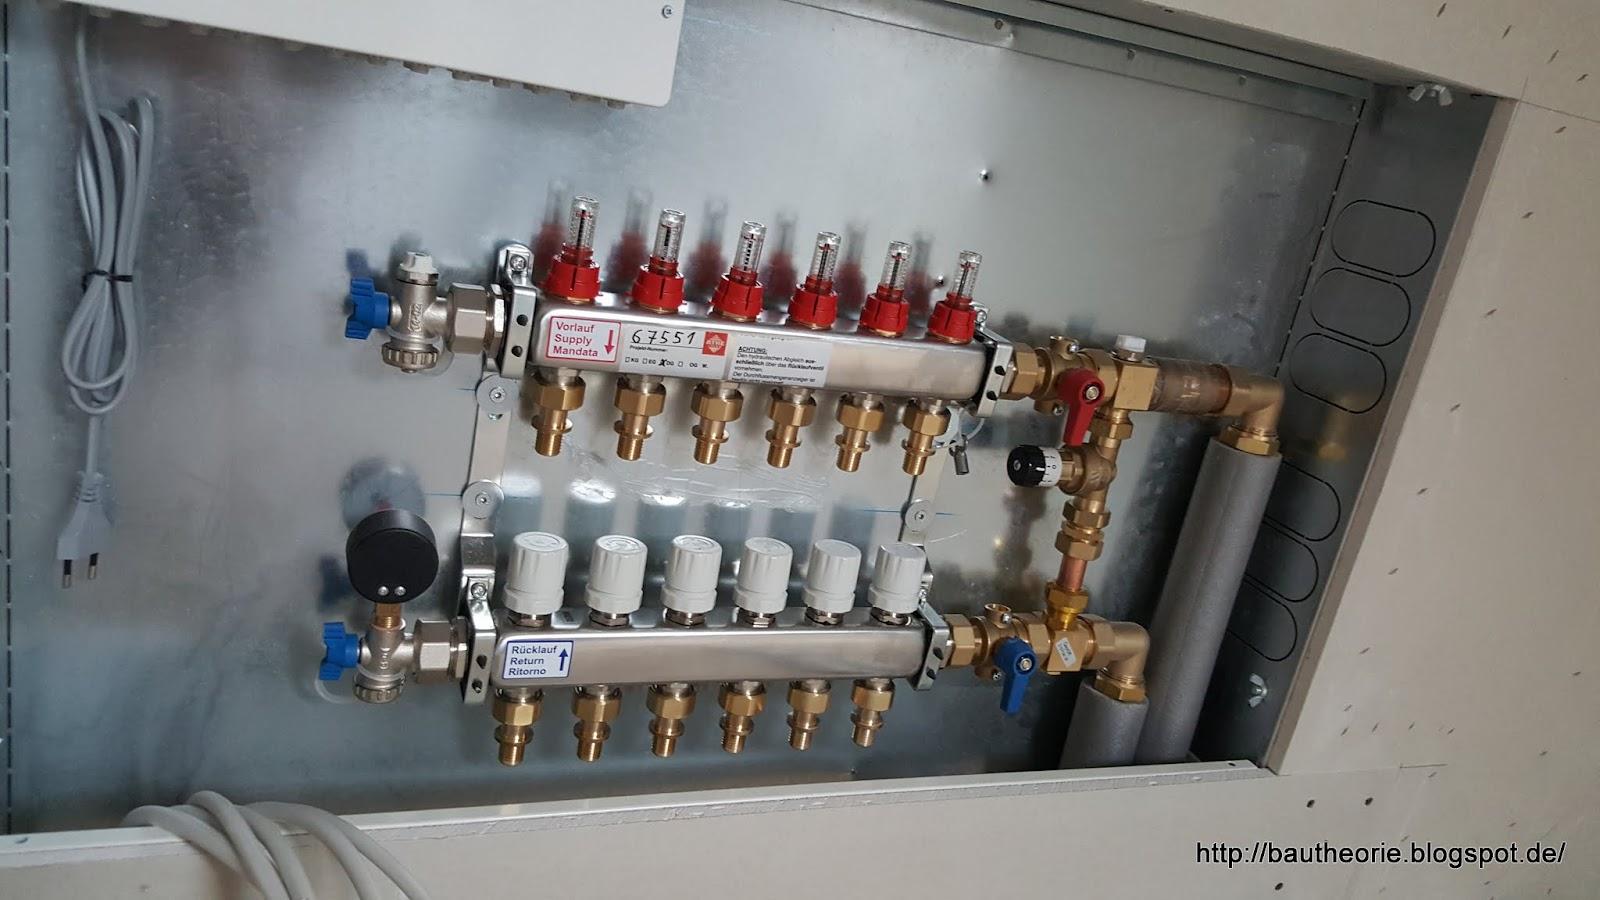 heizkreisverteiler ventil ventil heizkreisverteiler klimaanlage und heizung ruecklauf ventil. Black Bedroom Furniture Sets. Home Design Ideas